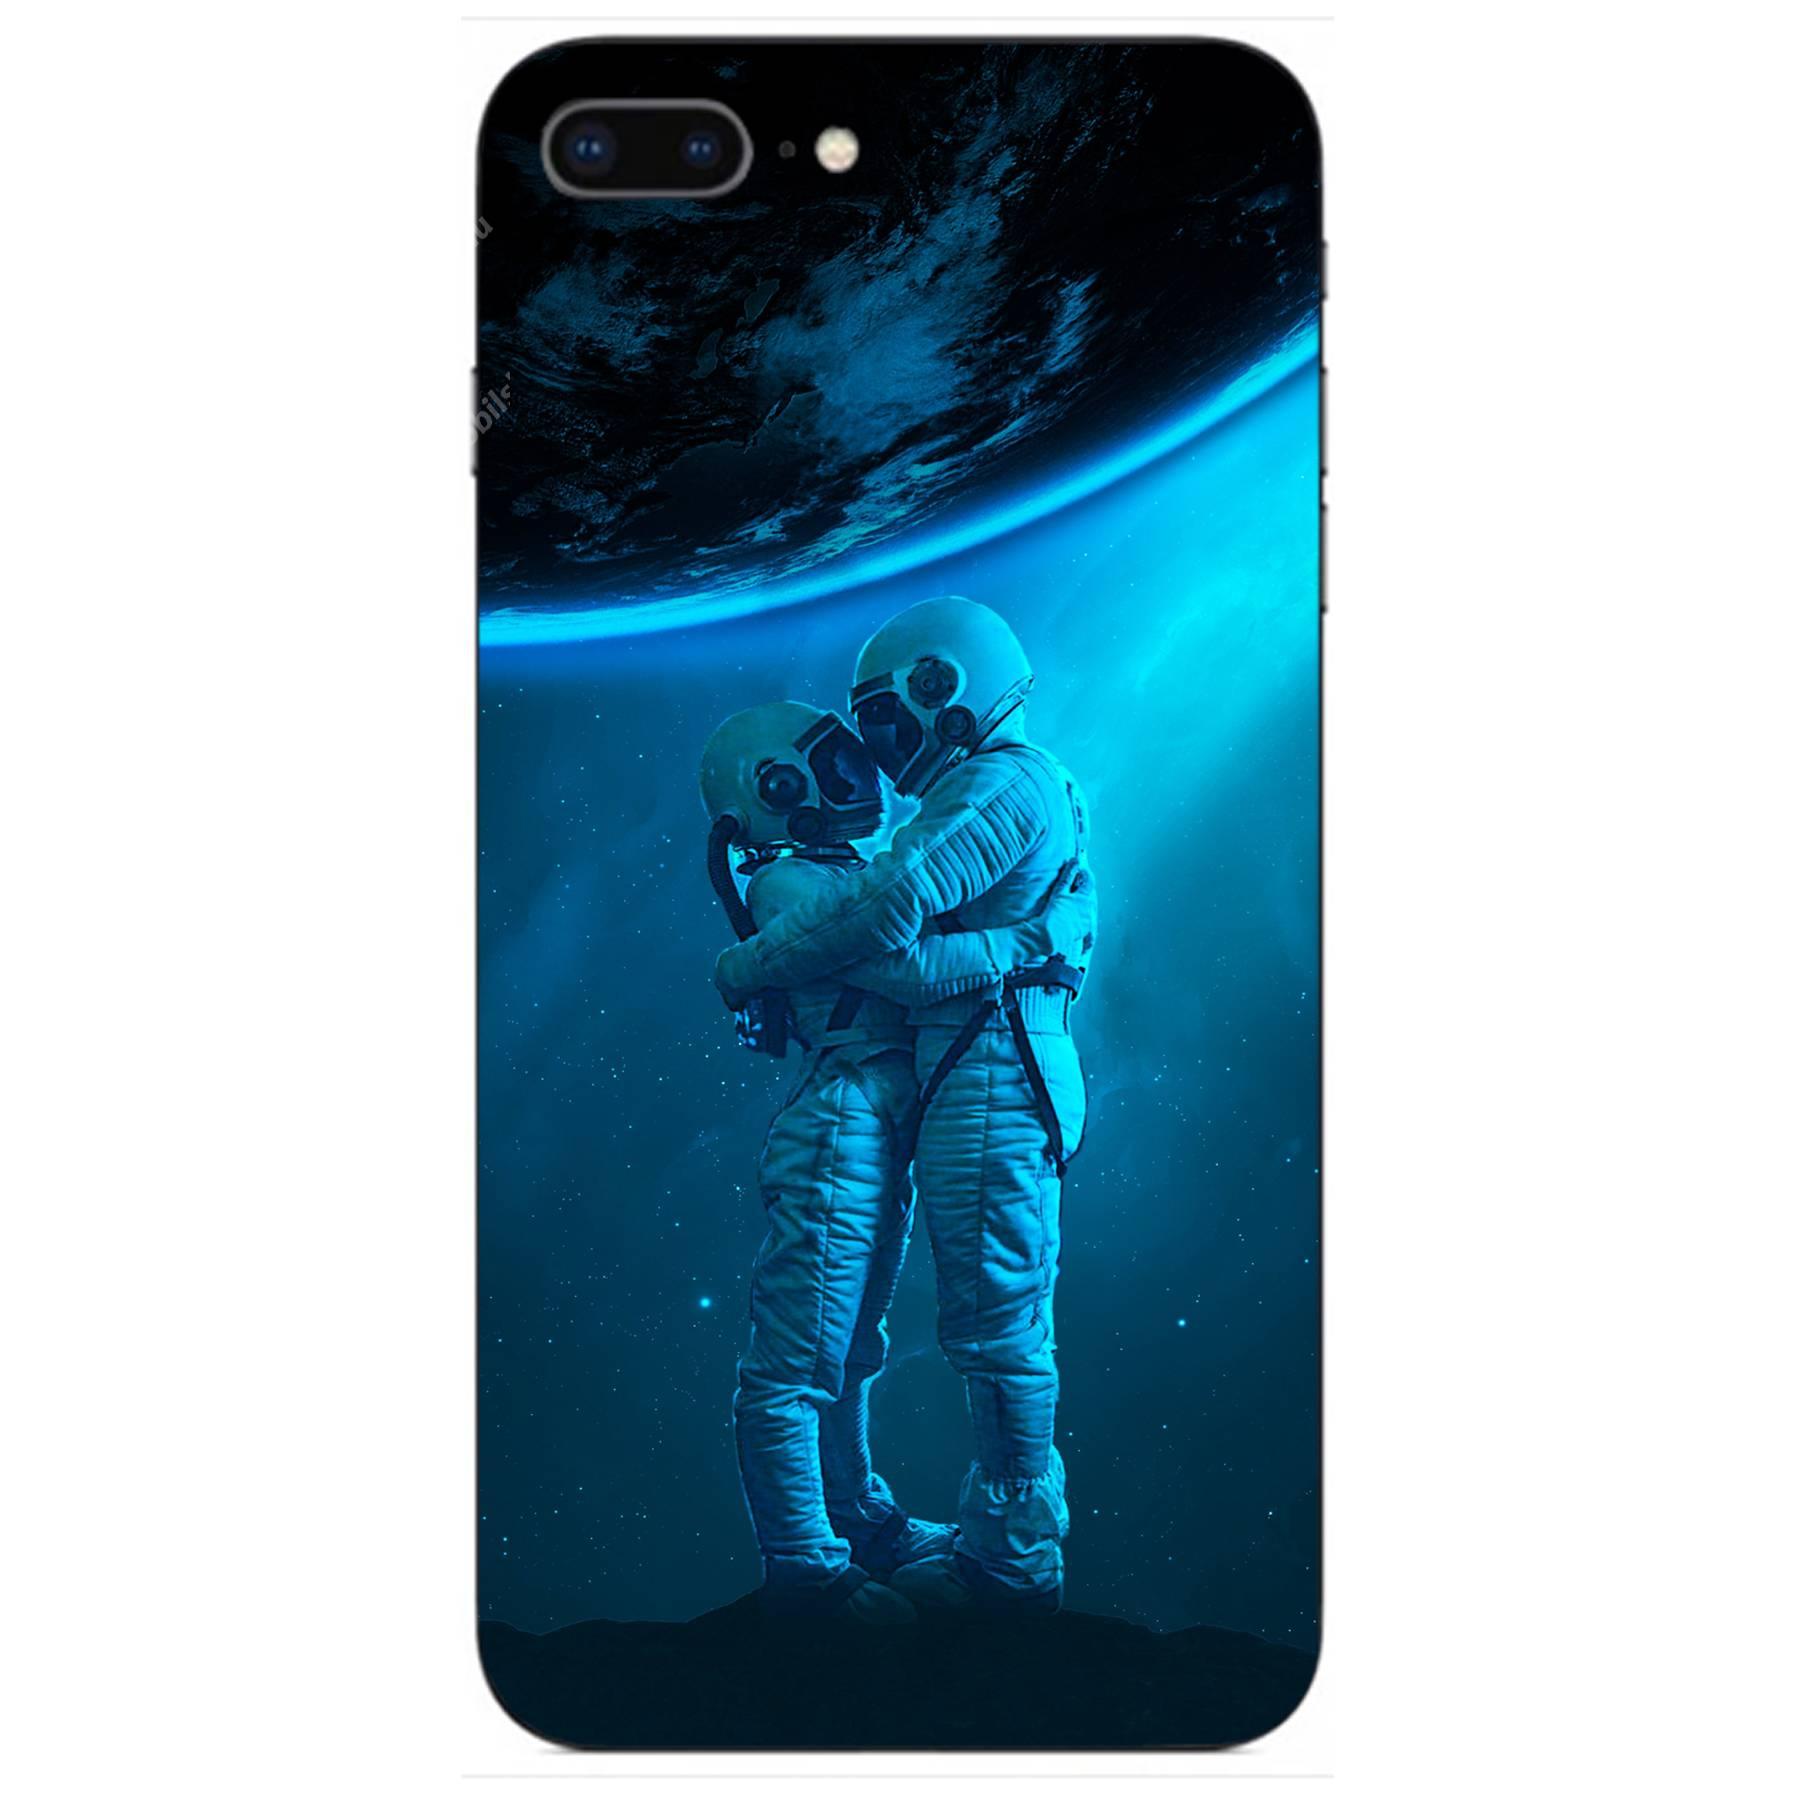 E-pic szilikon védő tok / hátlap - Szerelmes űrhajós pár mintás - APPLE iPhone 8 Plus